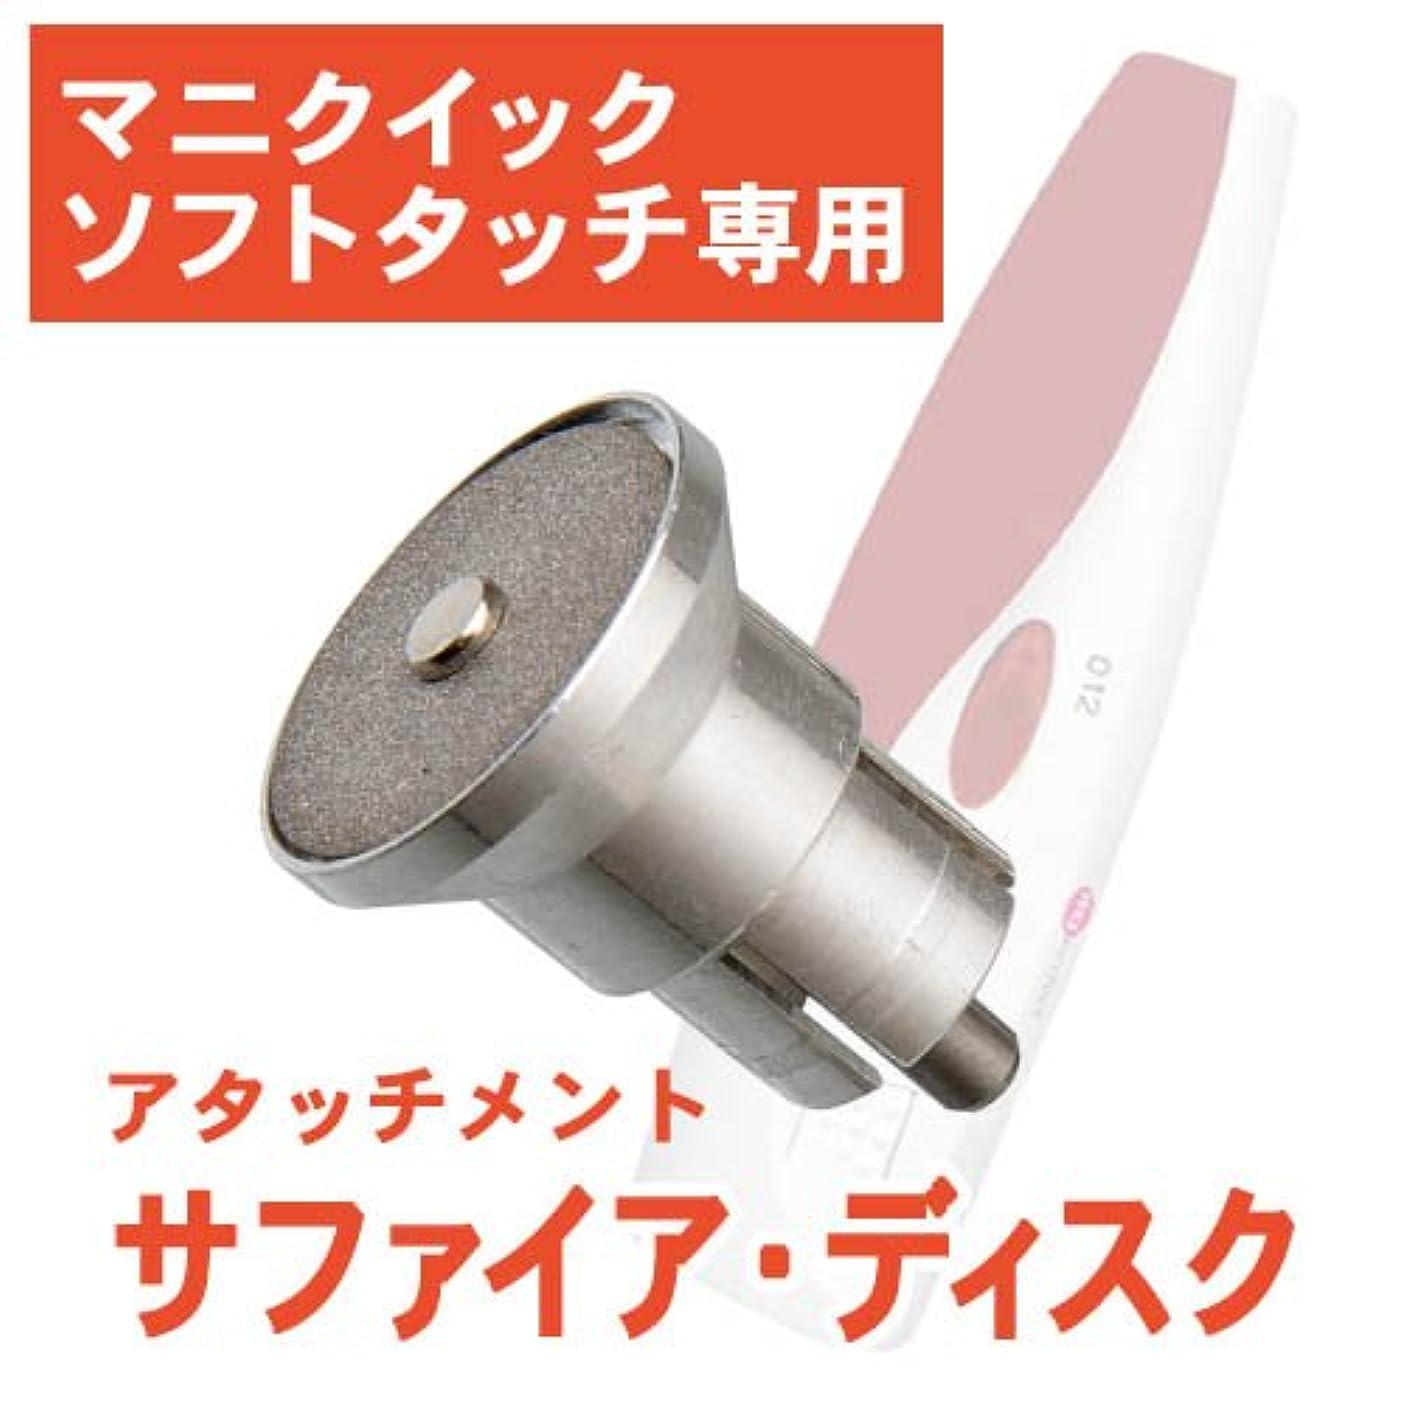 マニクイック ソフトタッチ 専用アタッチメント ( サファイヤ?ディスク )